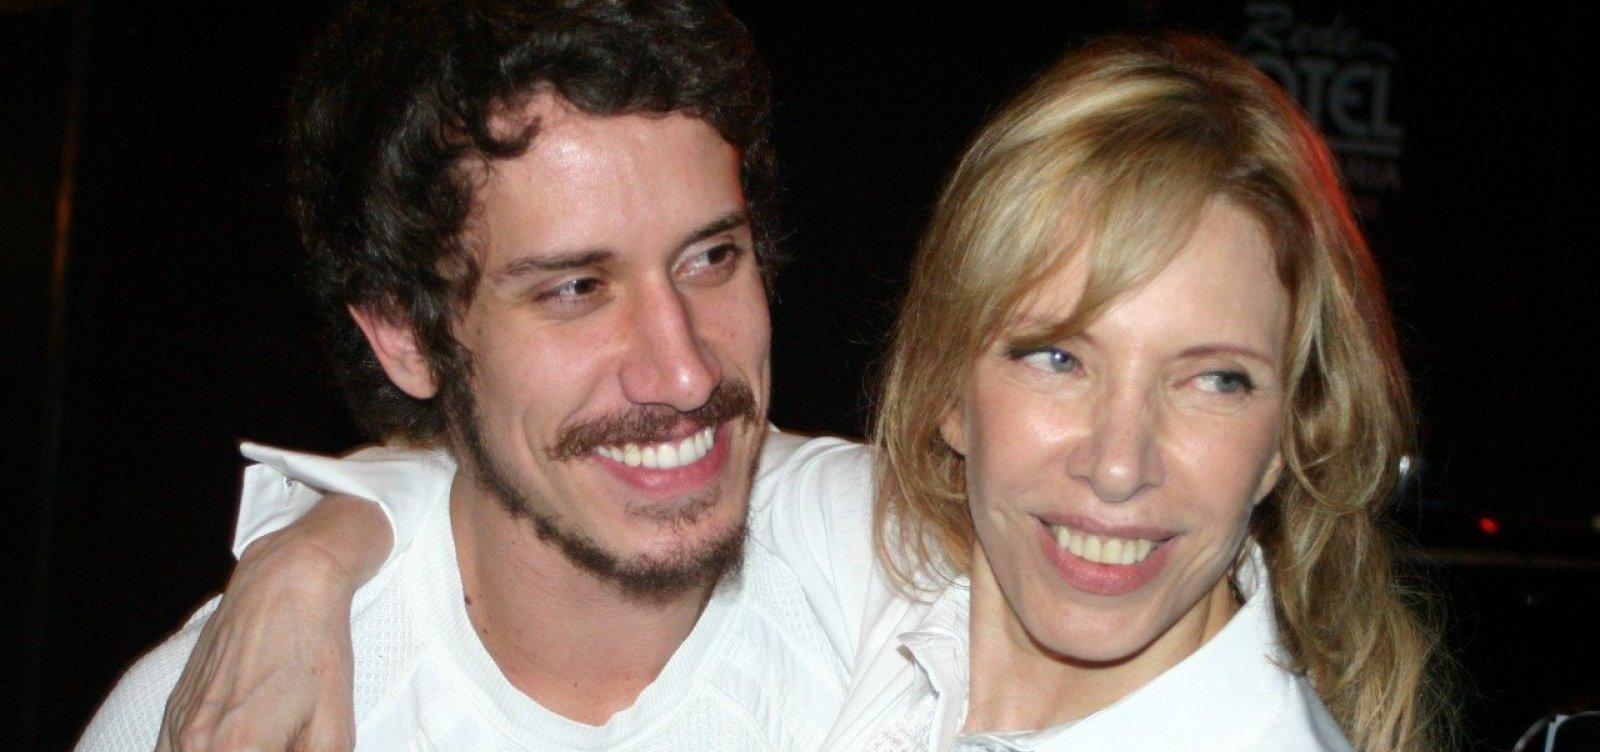 [Filho de Marília Gabriela se manifesta sobre boatos de caso com Gianecchini: 'Jamais']